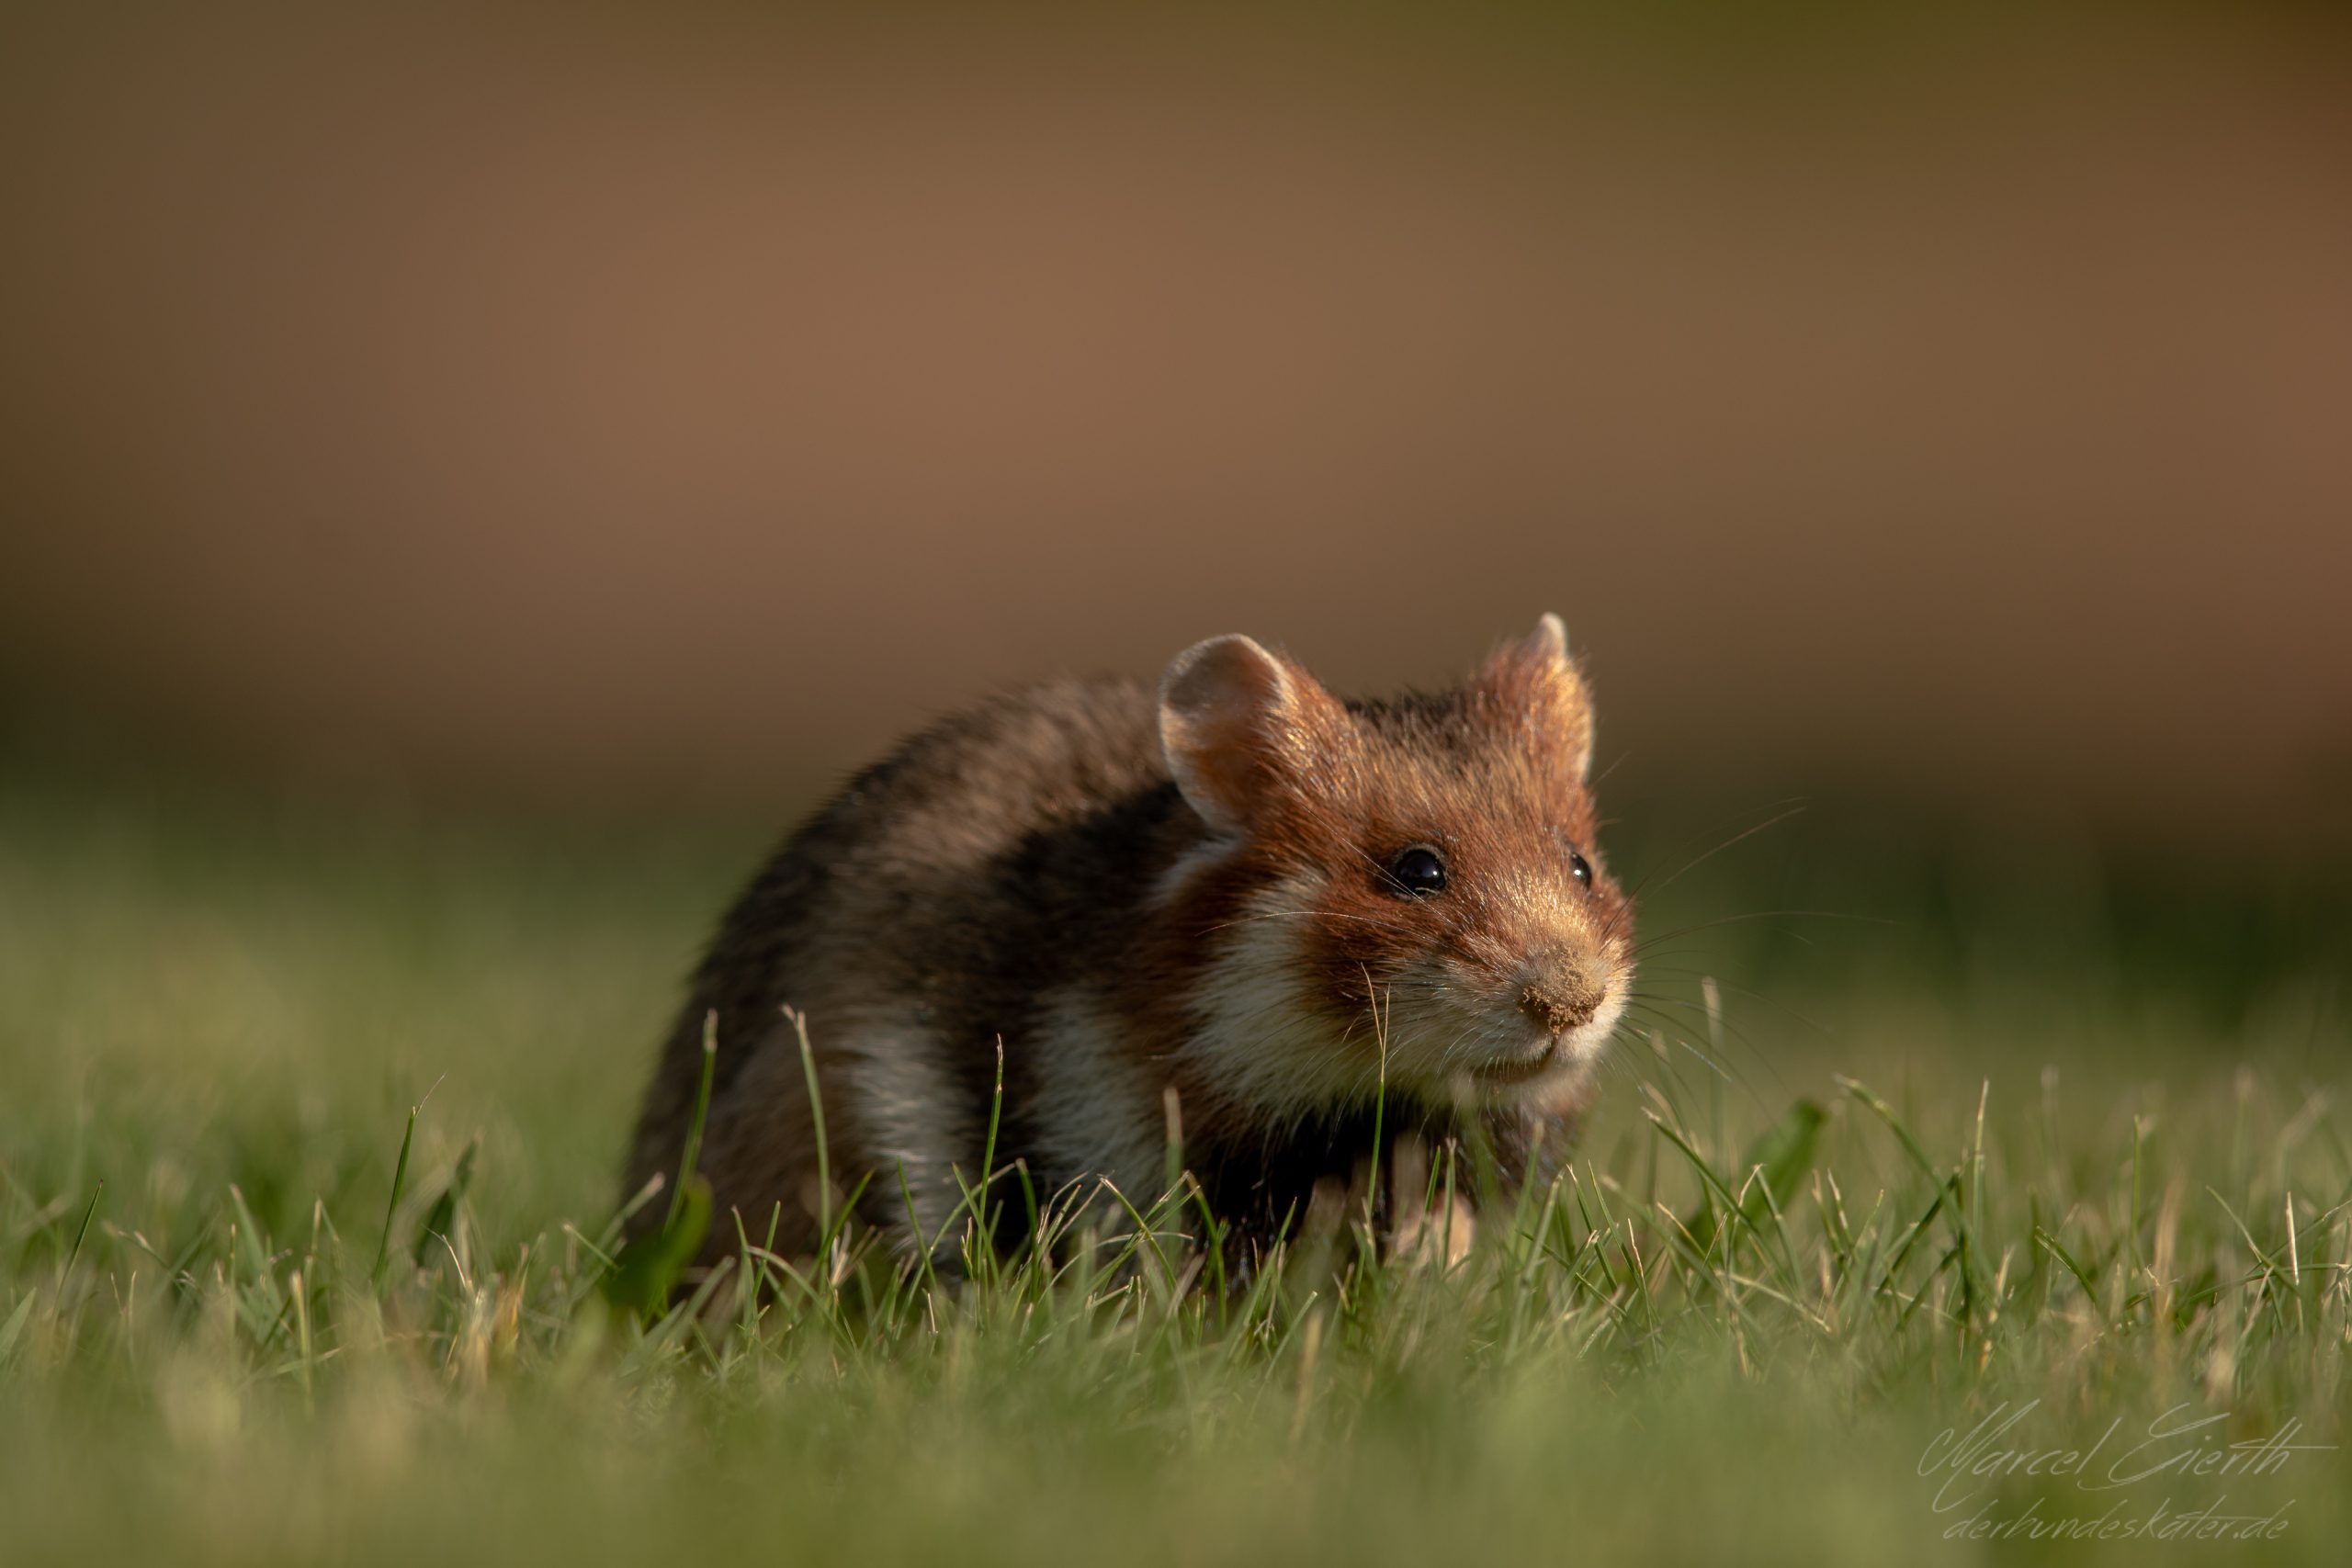 Hamster mit dreckigem Näschen  - Fotograf Marcel Gierth